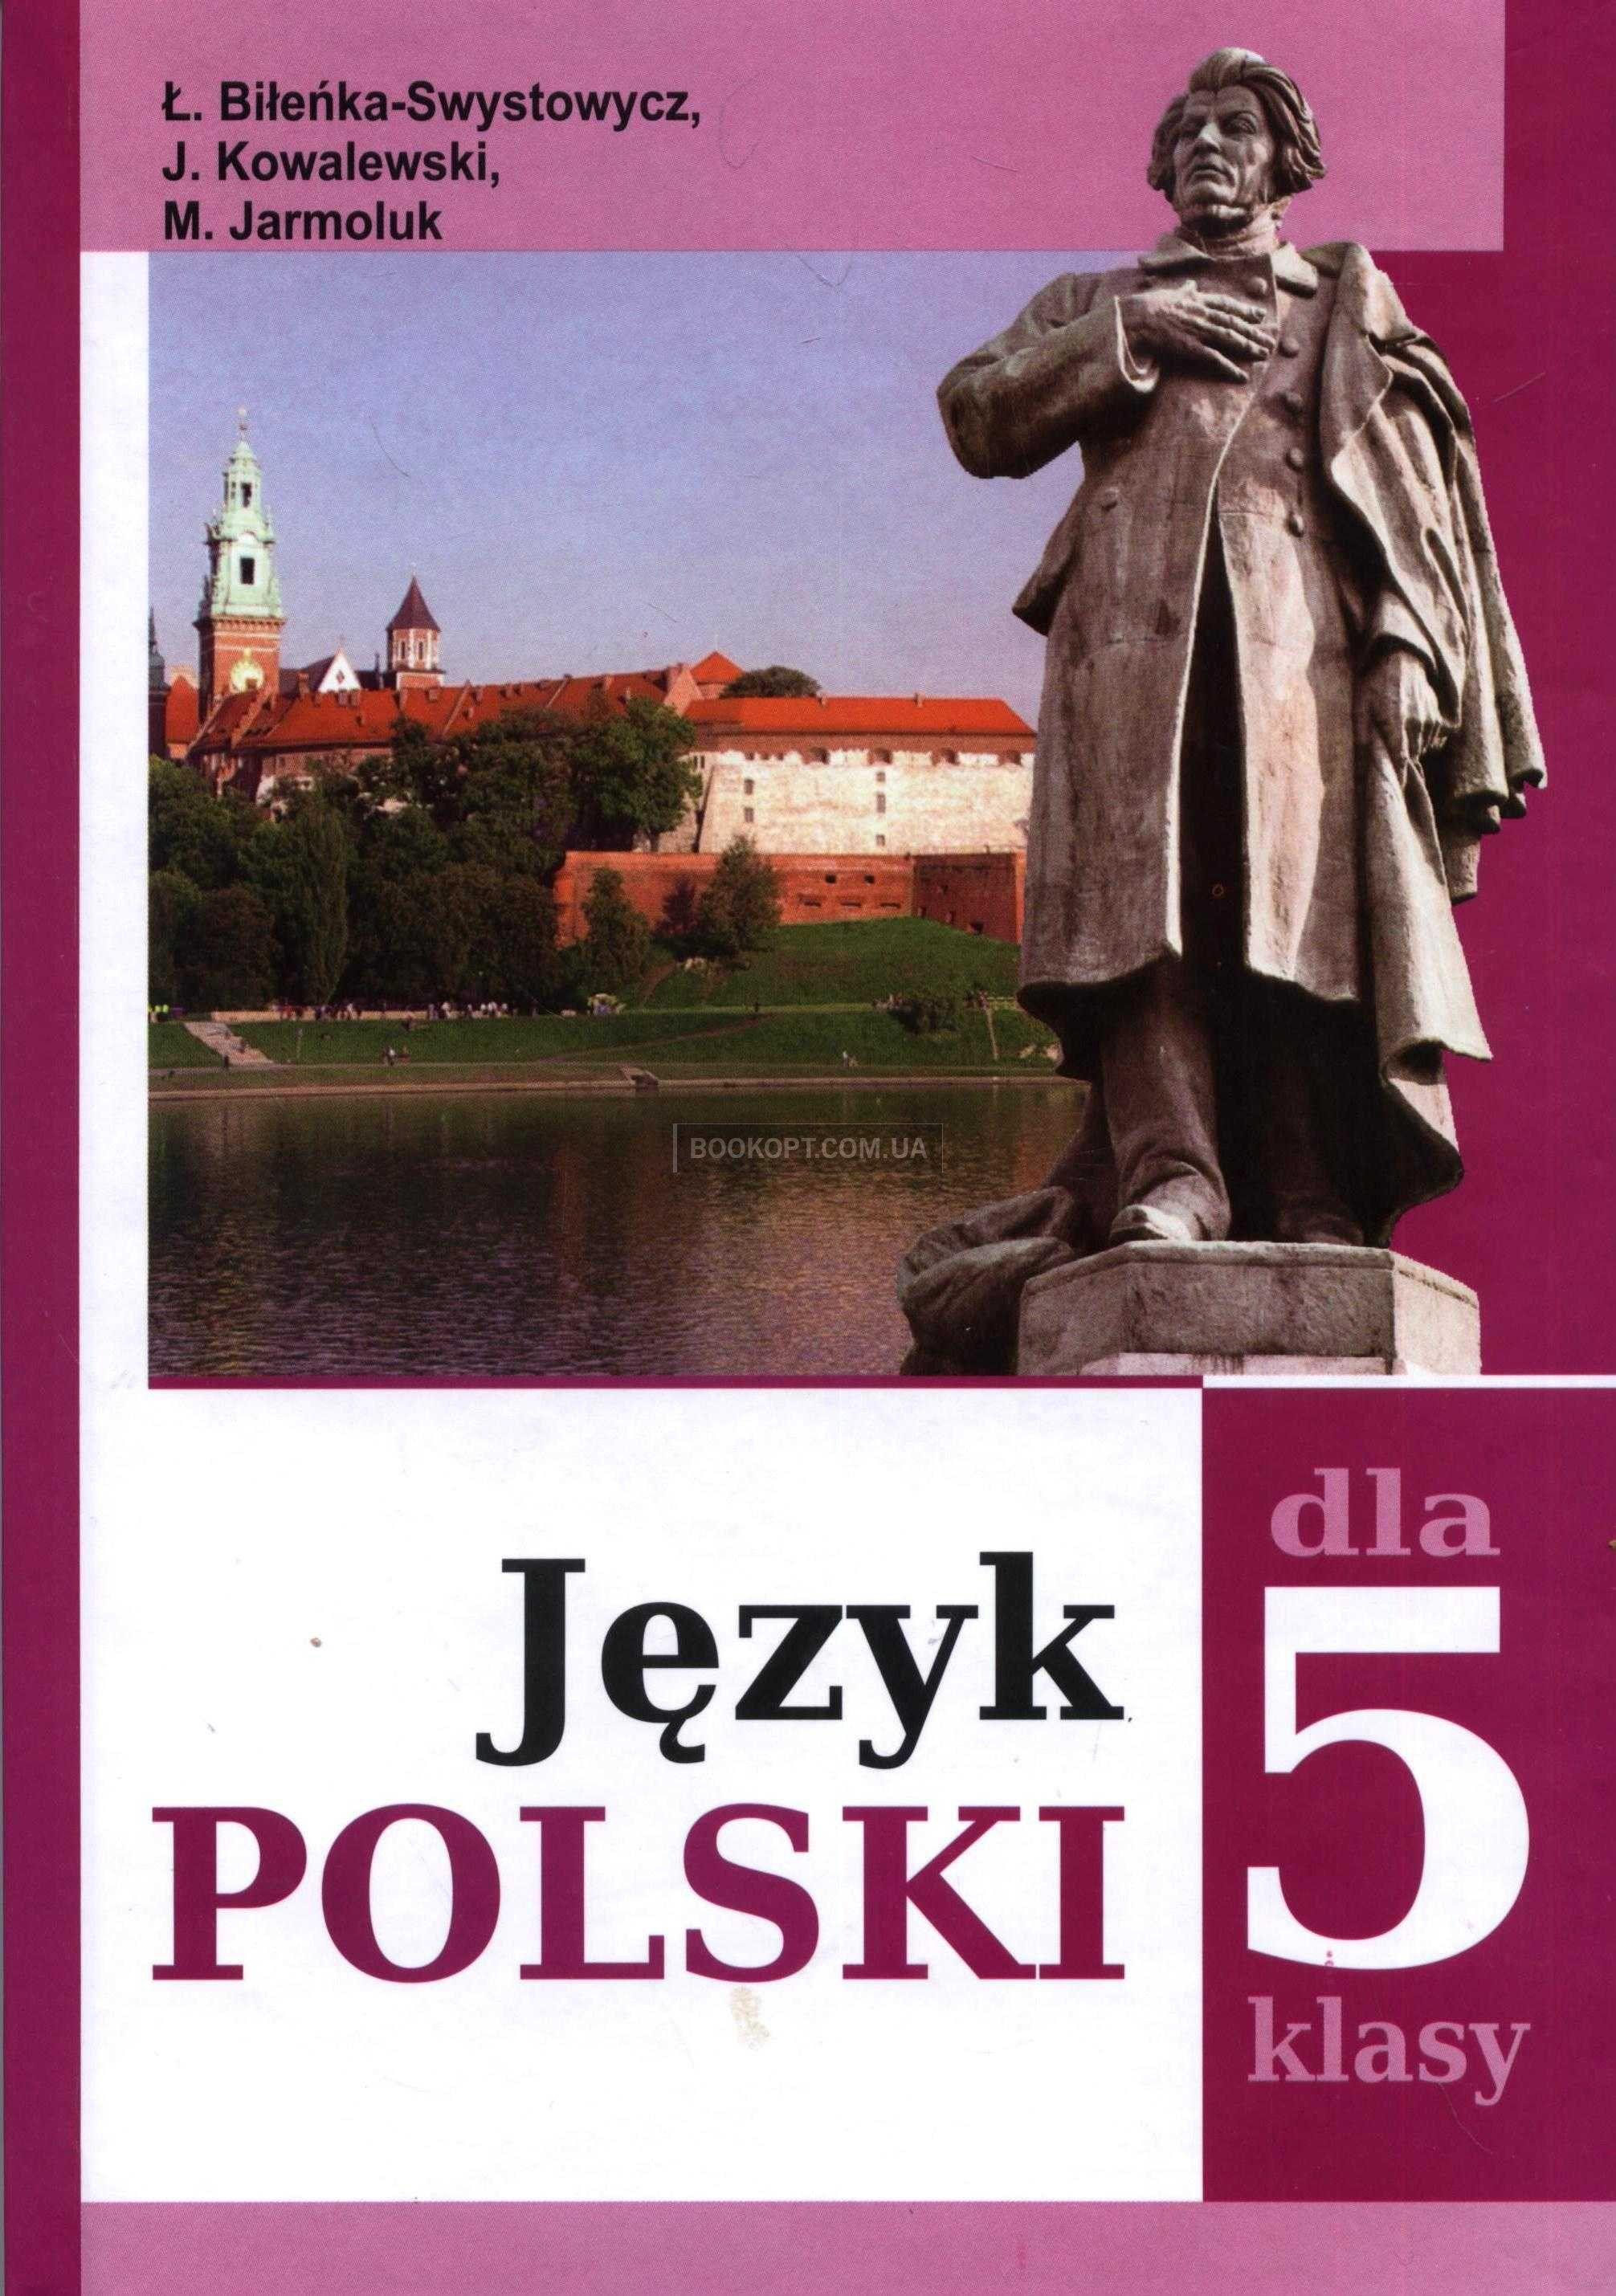 гдз польська мова 7 клас бленька-свистович